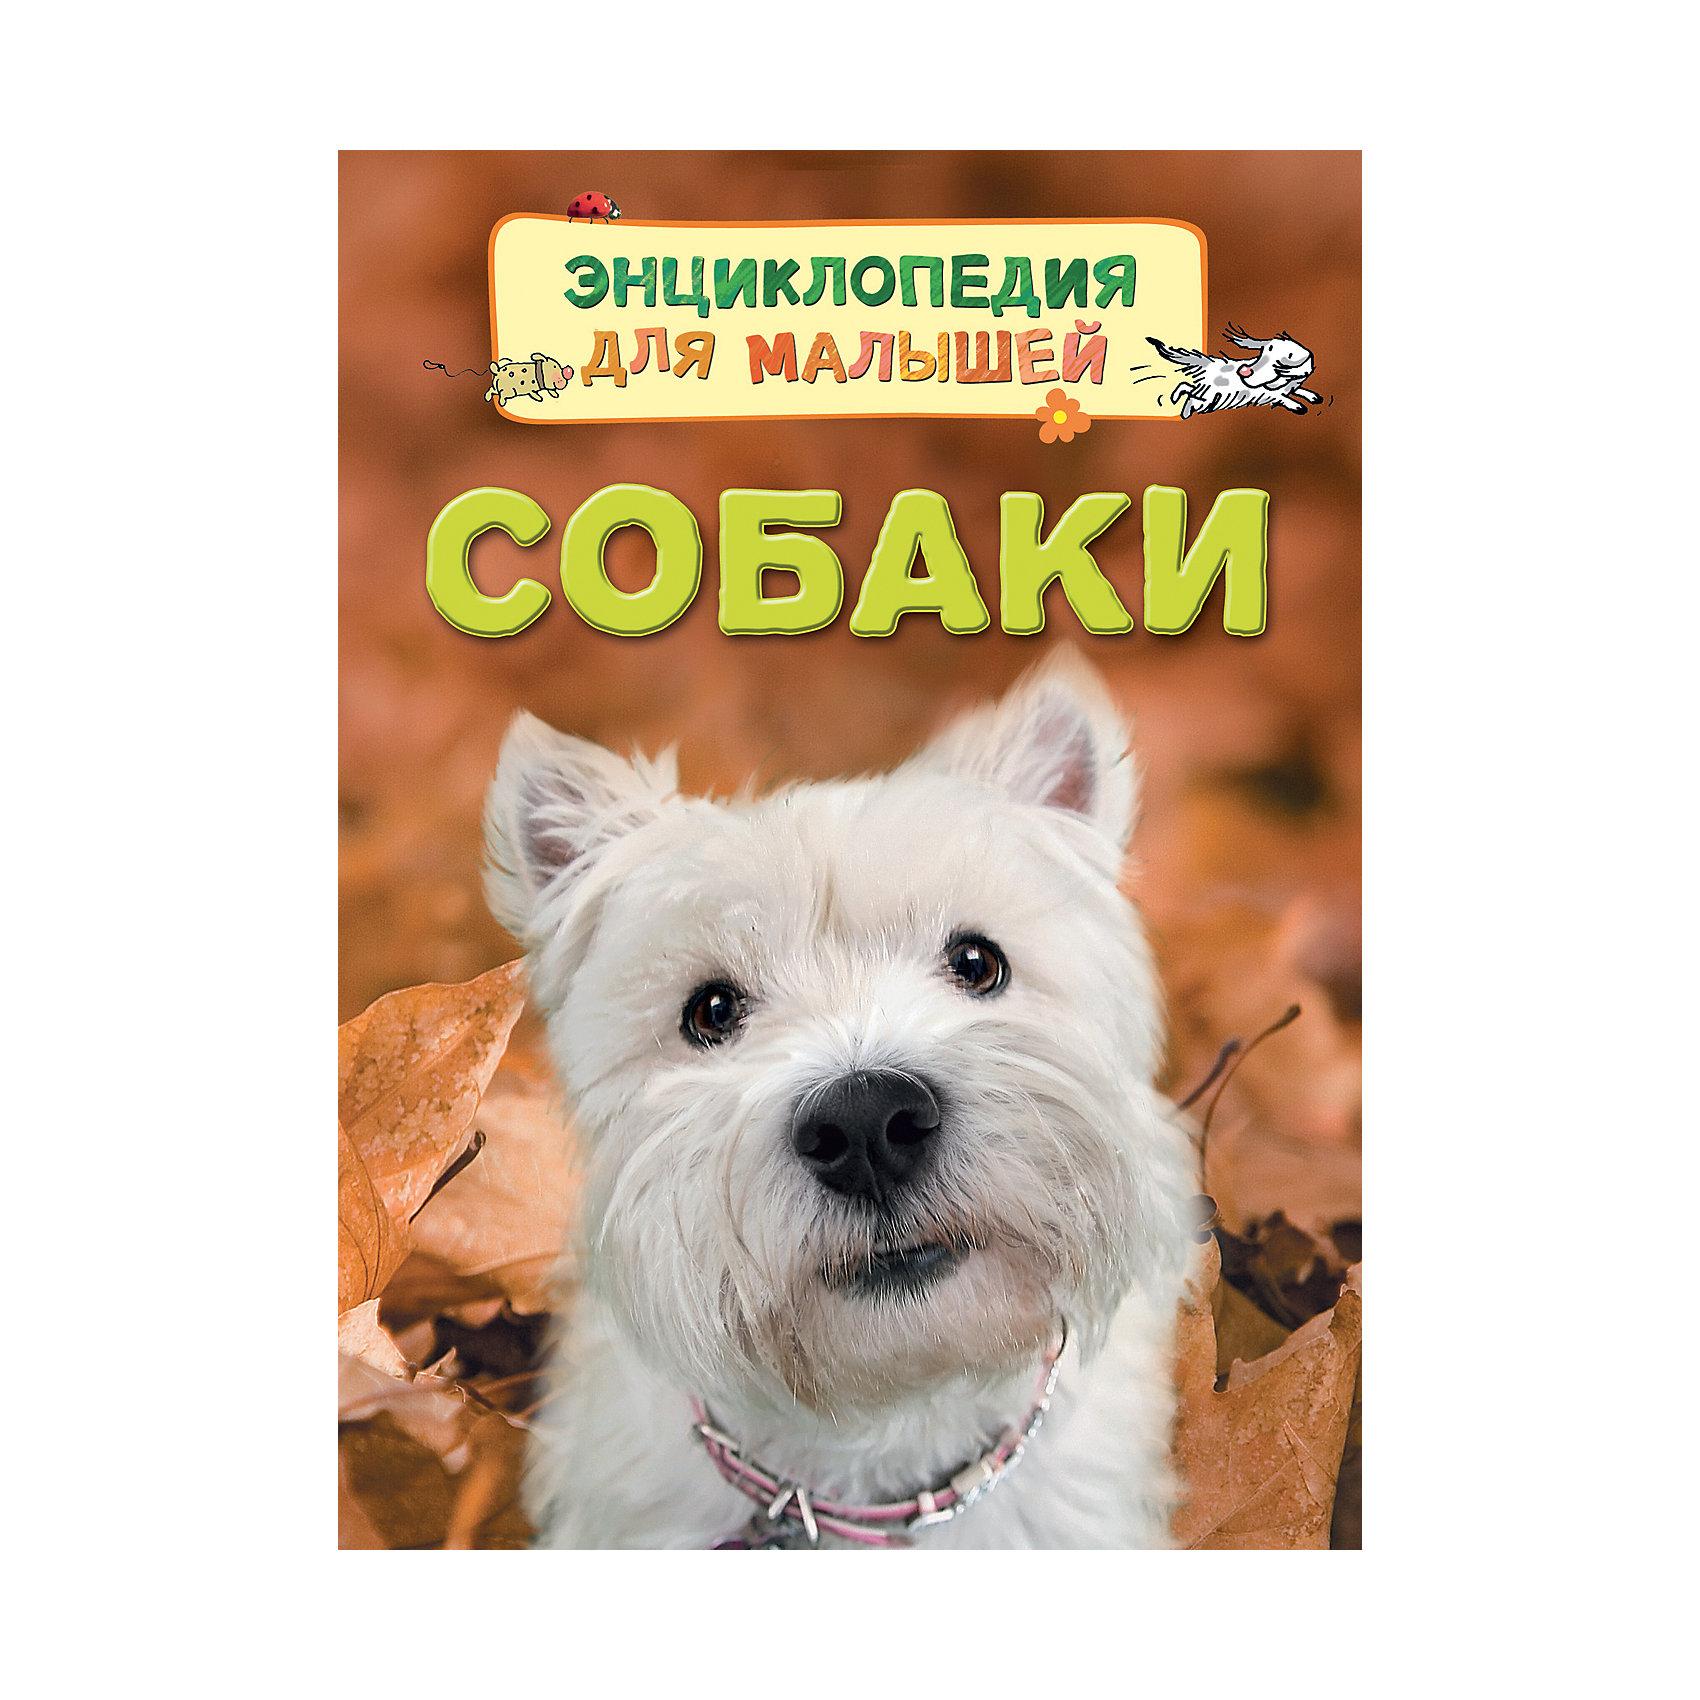 Росмэн Энциклопедия для малышей Собаки иллюстрированная книга о собаках